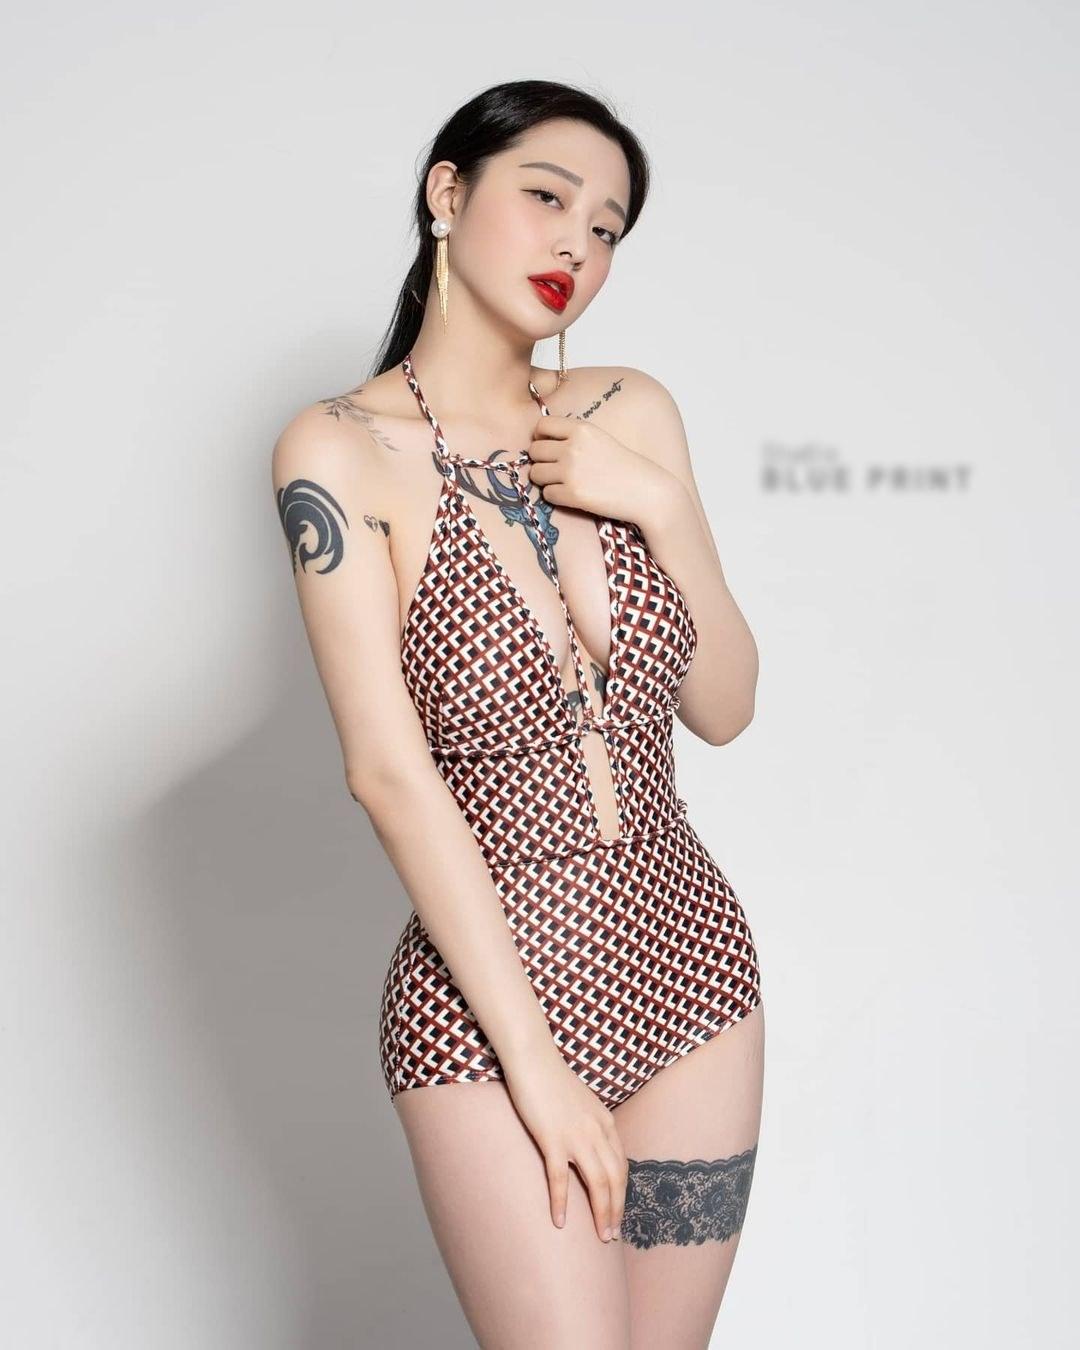 Hot girl xứ Hàn táo bạo xăm hình cỡ lớn ngay trước ngực, body cực 'mê ly' khiến nhiều FA muốn rước về 'cất tủ' - Ảnh 4